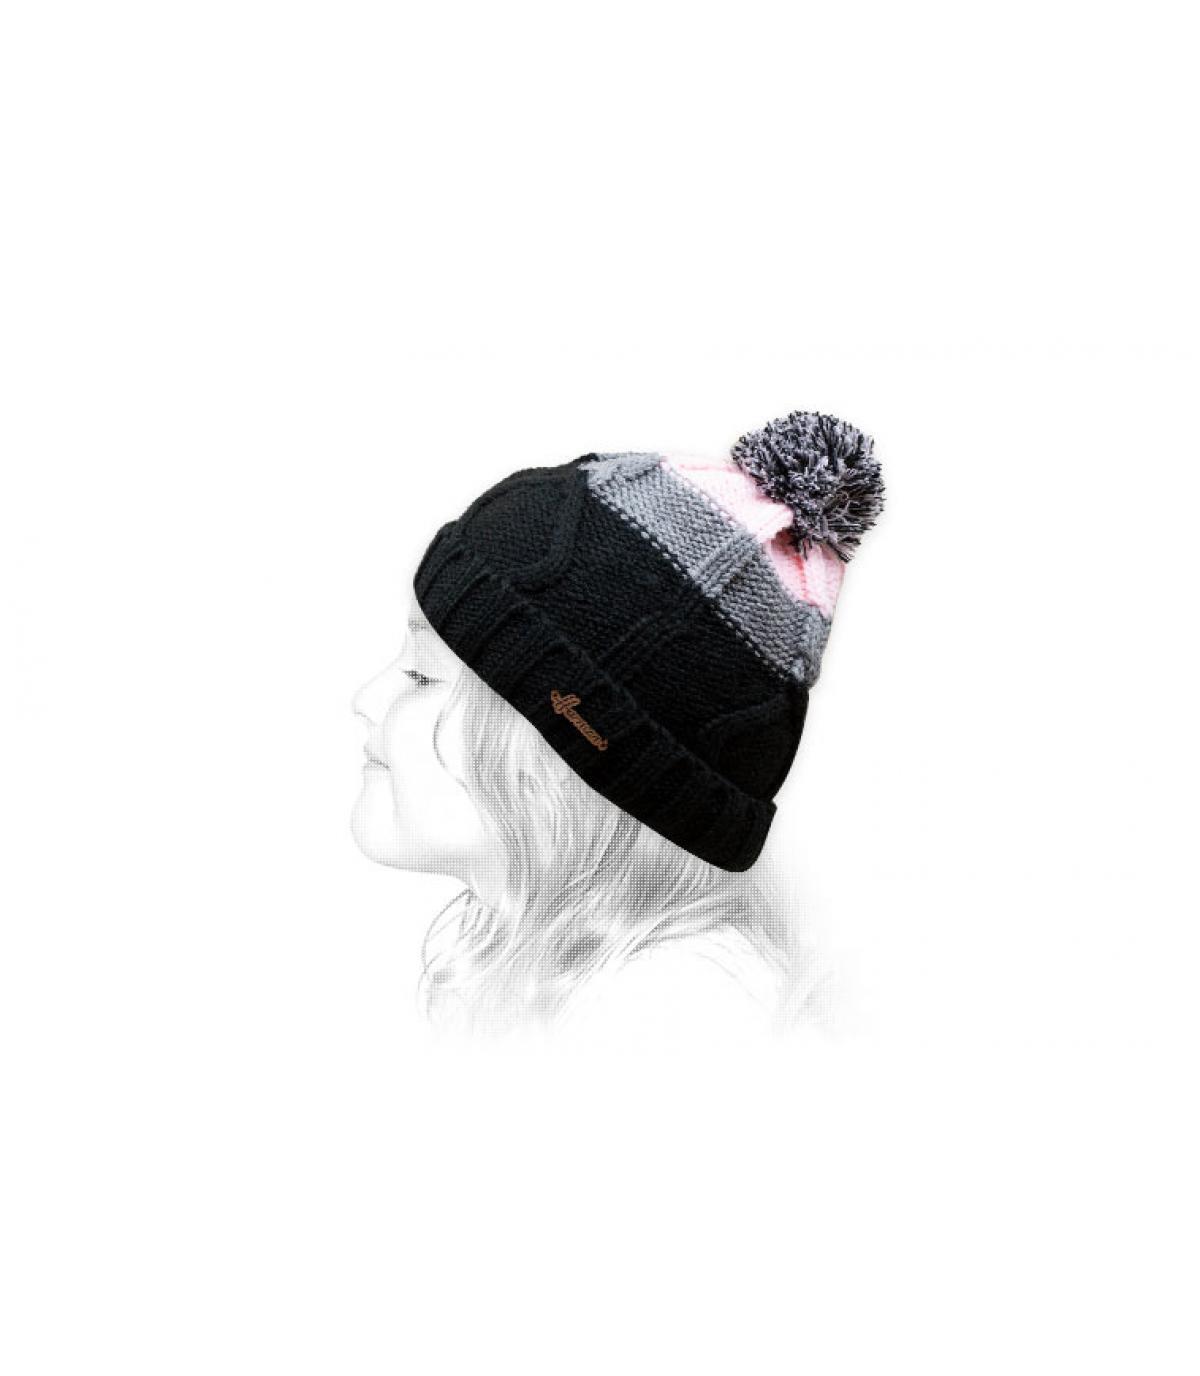 cappello nappa nero rosa